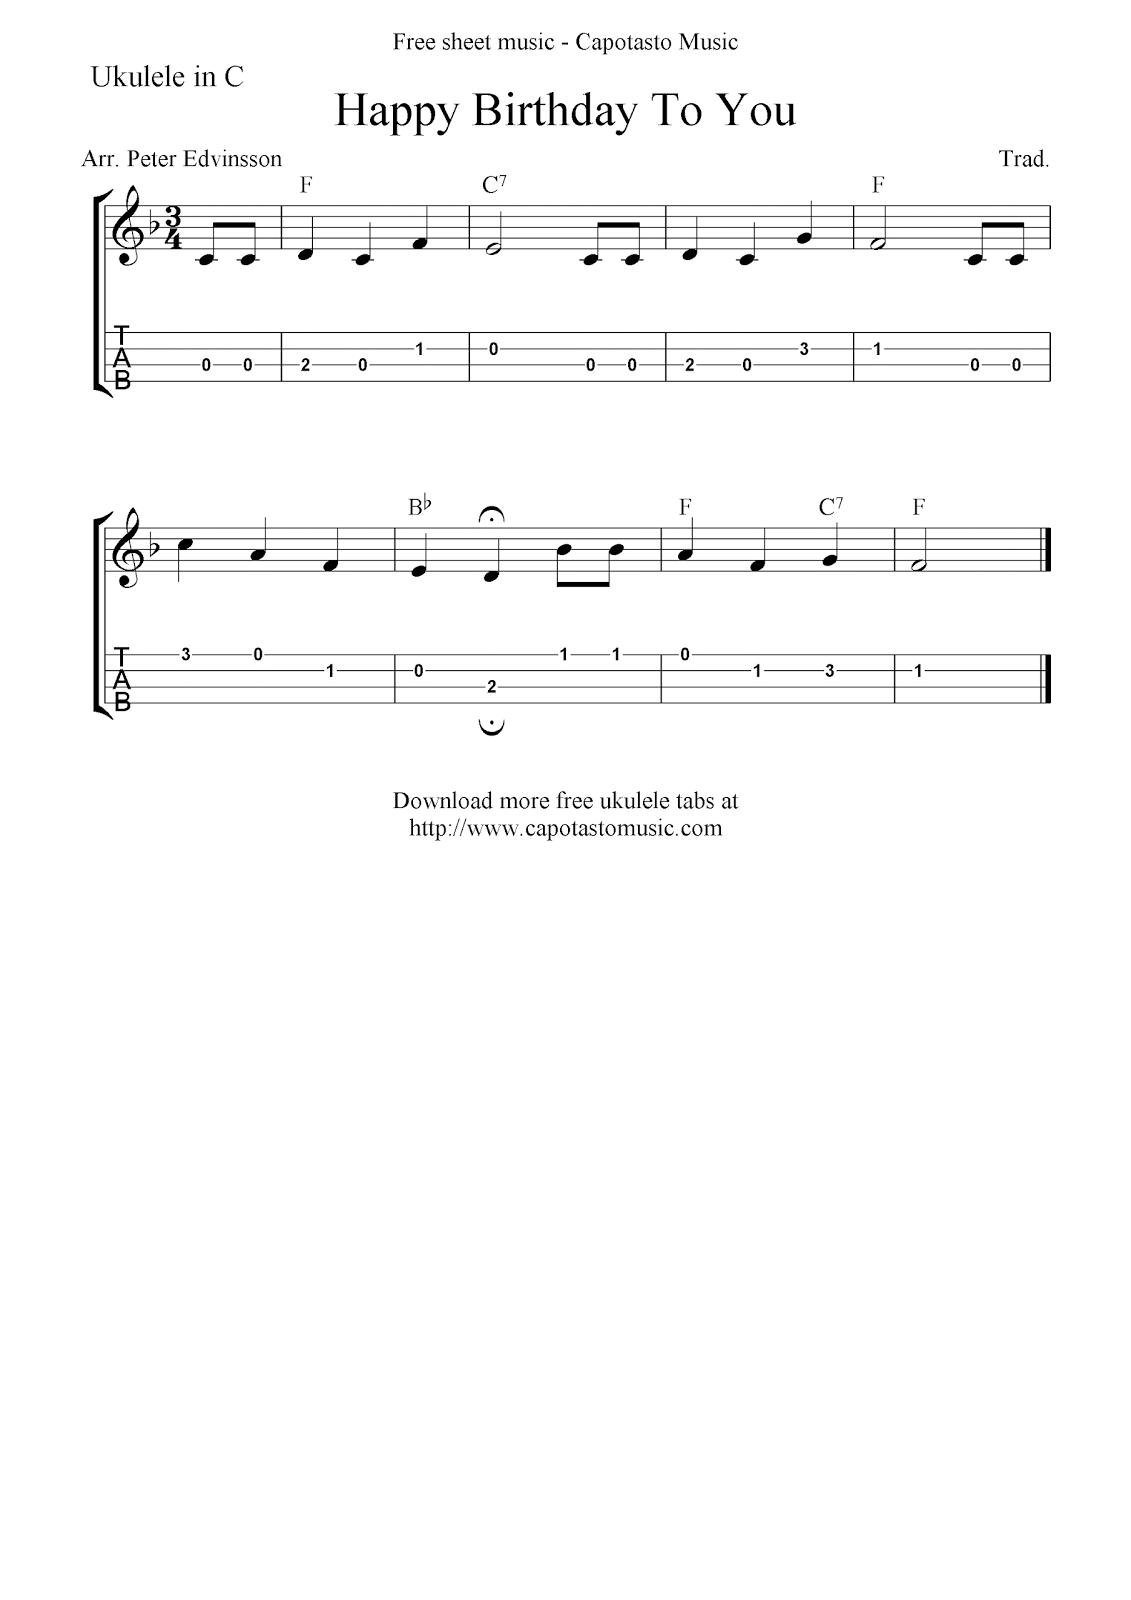 Happy Birthday To You Free Ukulele Tab Sheet Music Ukulele In